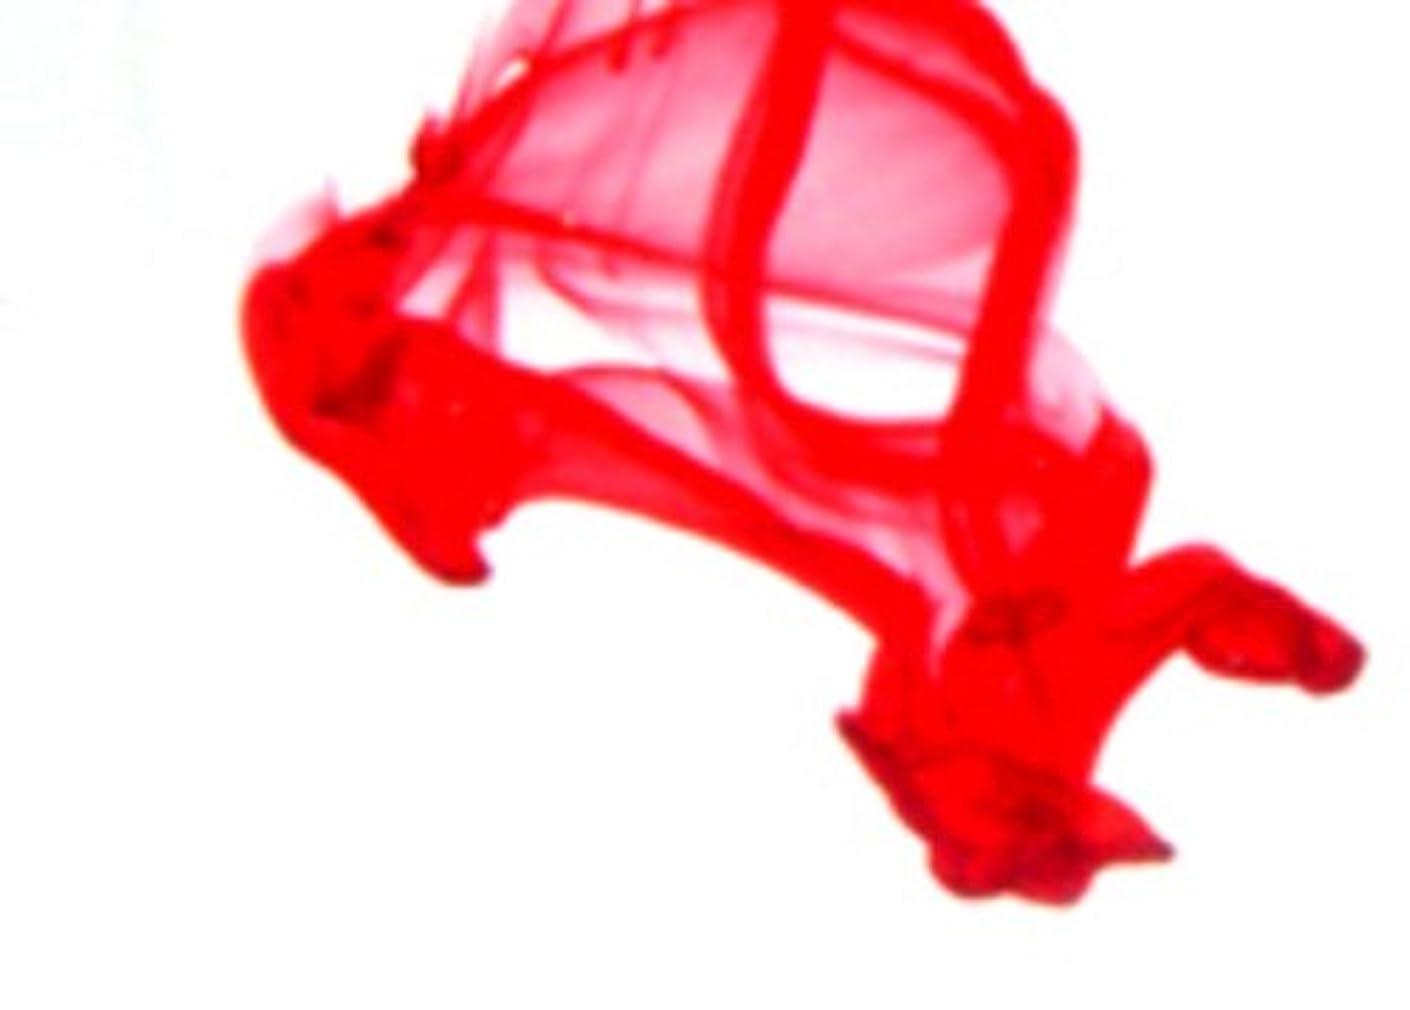 プレゼンター参加する消毒剤Red Soap Dye 50ml - Highly Concentrated